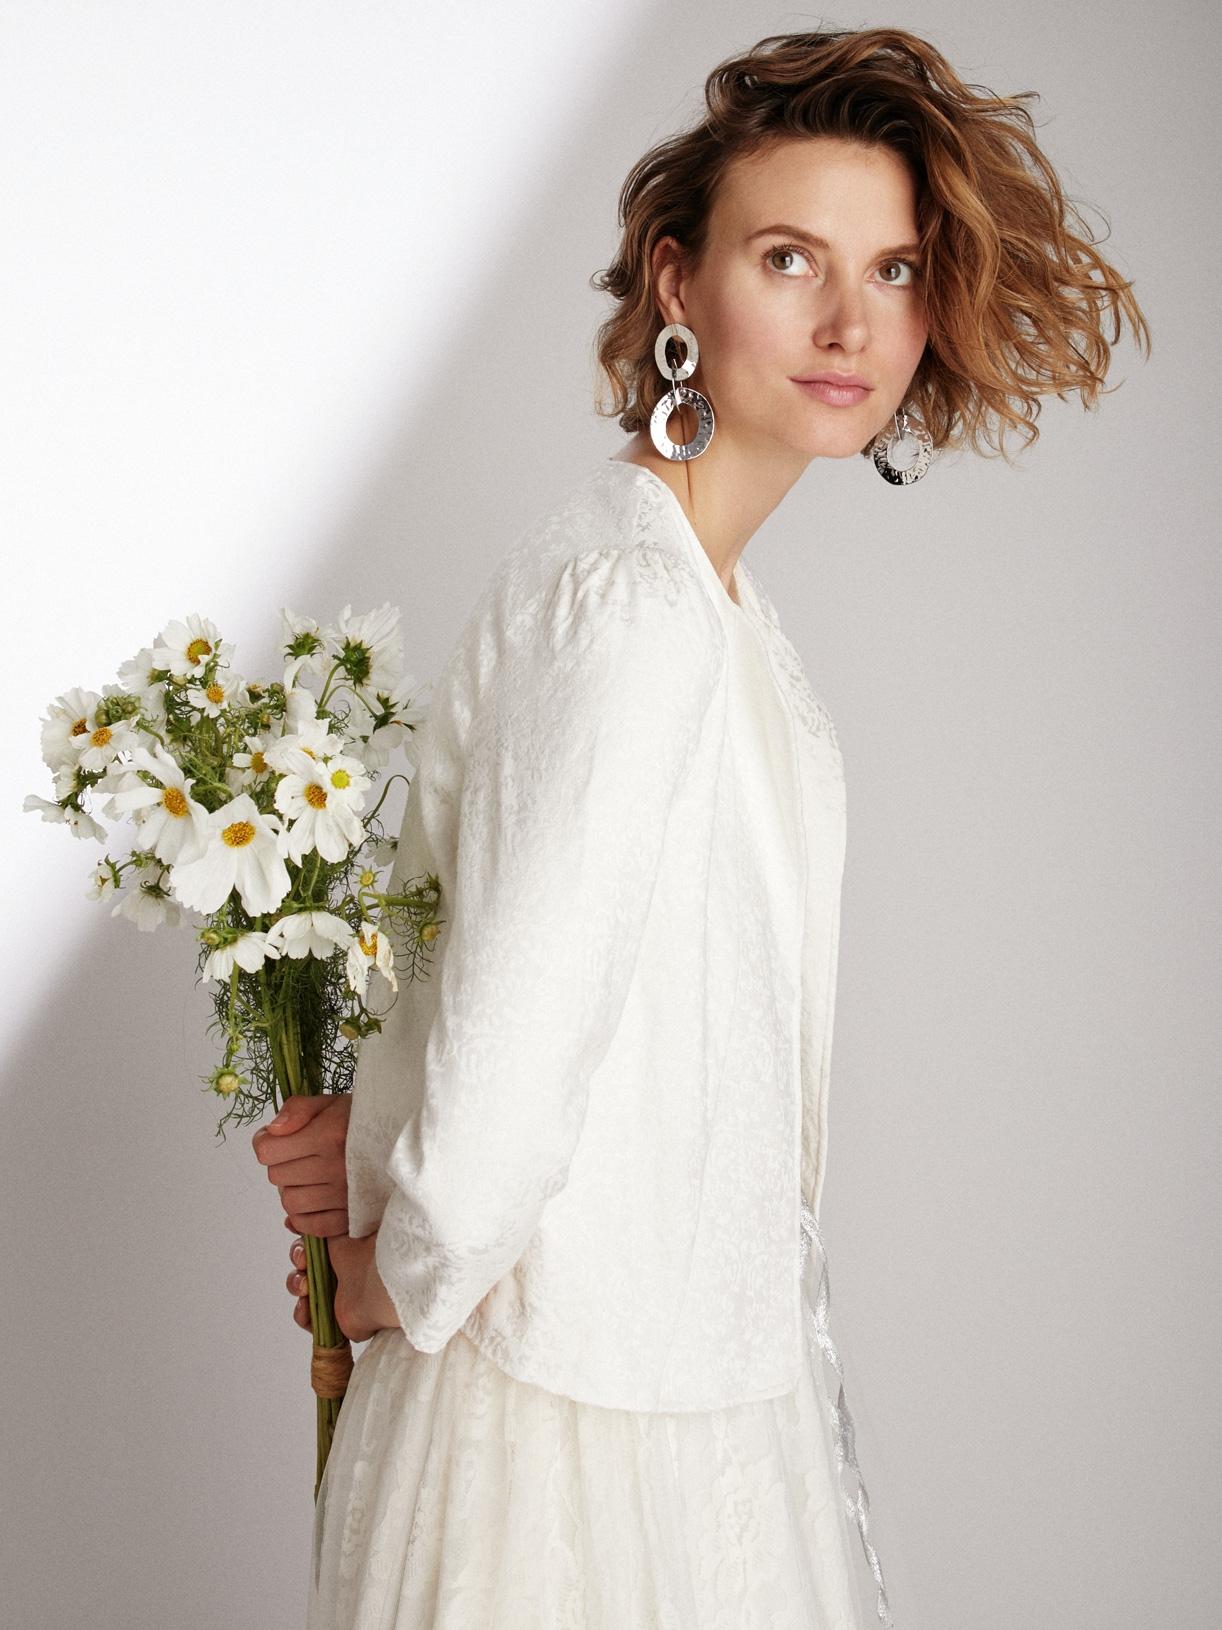 Veste de mariée courte vegan écoresponsable - Creatrice de robe de mariée éthique et bio a Paris - Myphilosophy